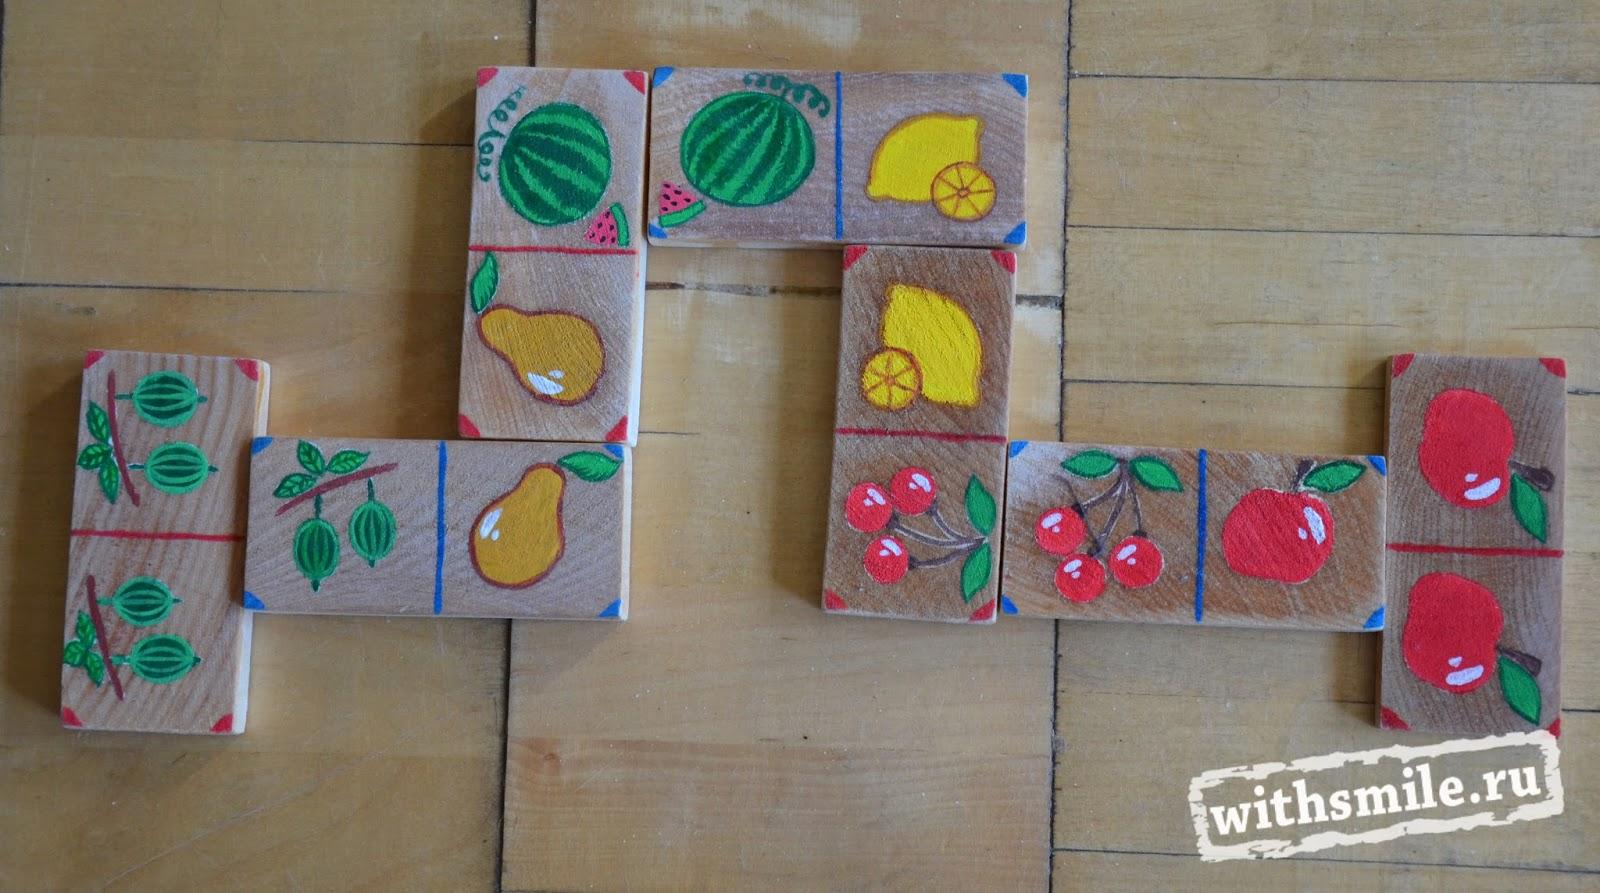 домино, крыжовник, груша, арбуз, яблоко, вишня, развивающая игра, настольная игра, своими руками